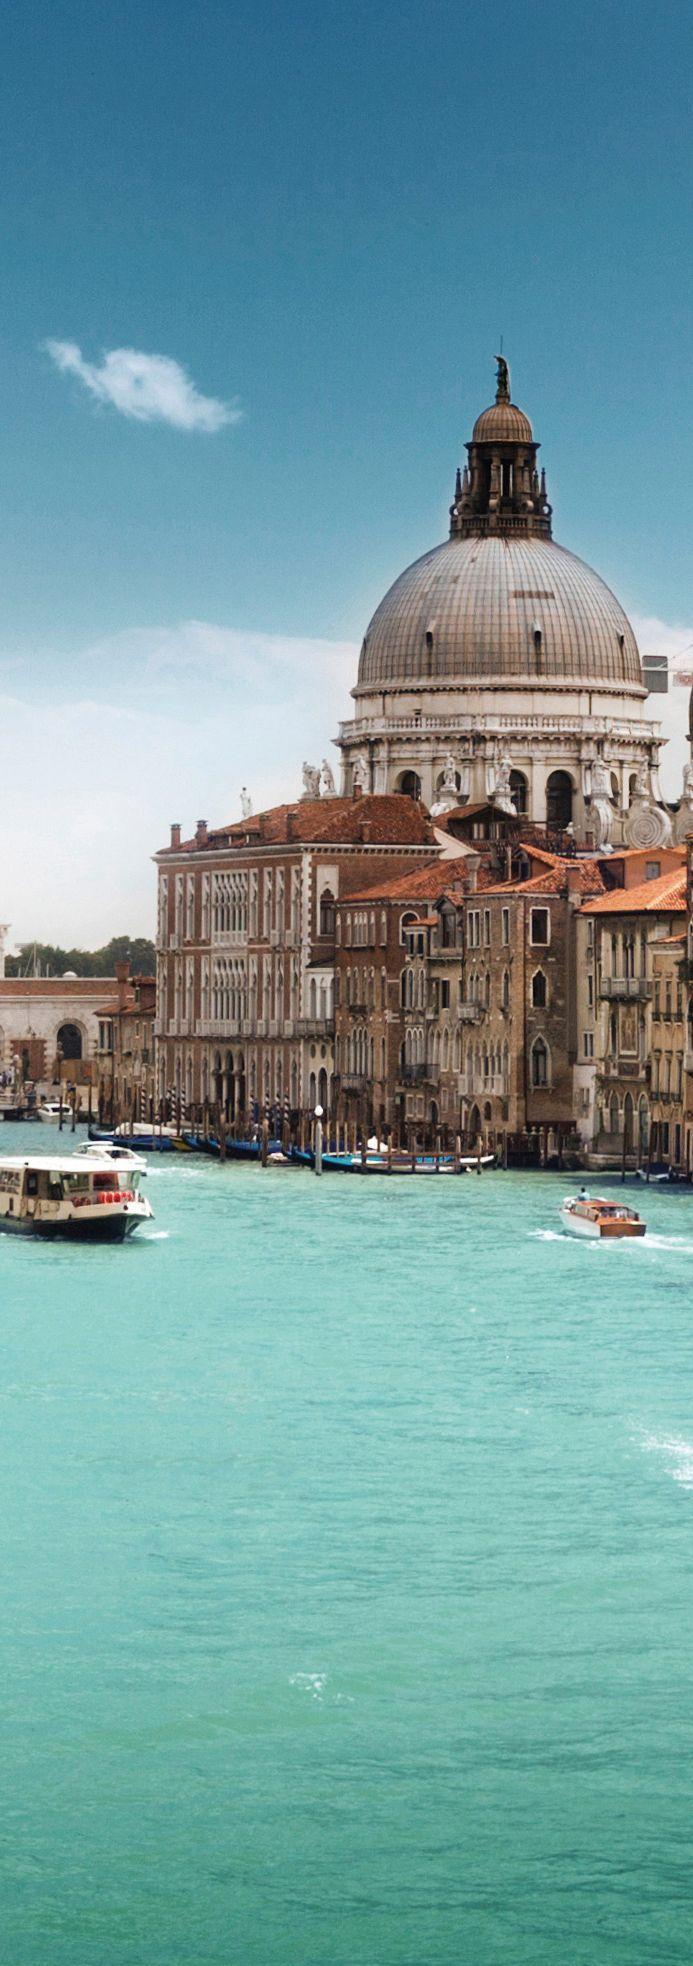 Santa Maria Della Salute Church, Venice, Italy http://mundodeviagens.com/ - Existem muitas maneiras de ver o Mundo. O Blog Mundo de Viagens recomenda... TODAS!